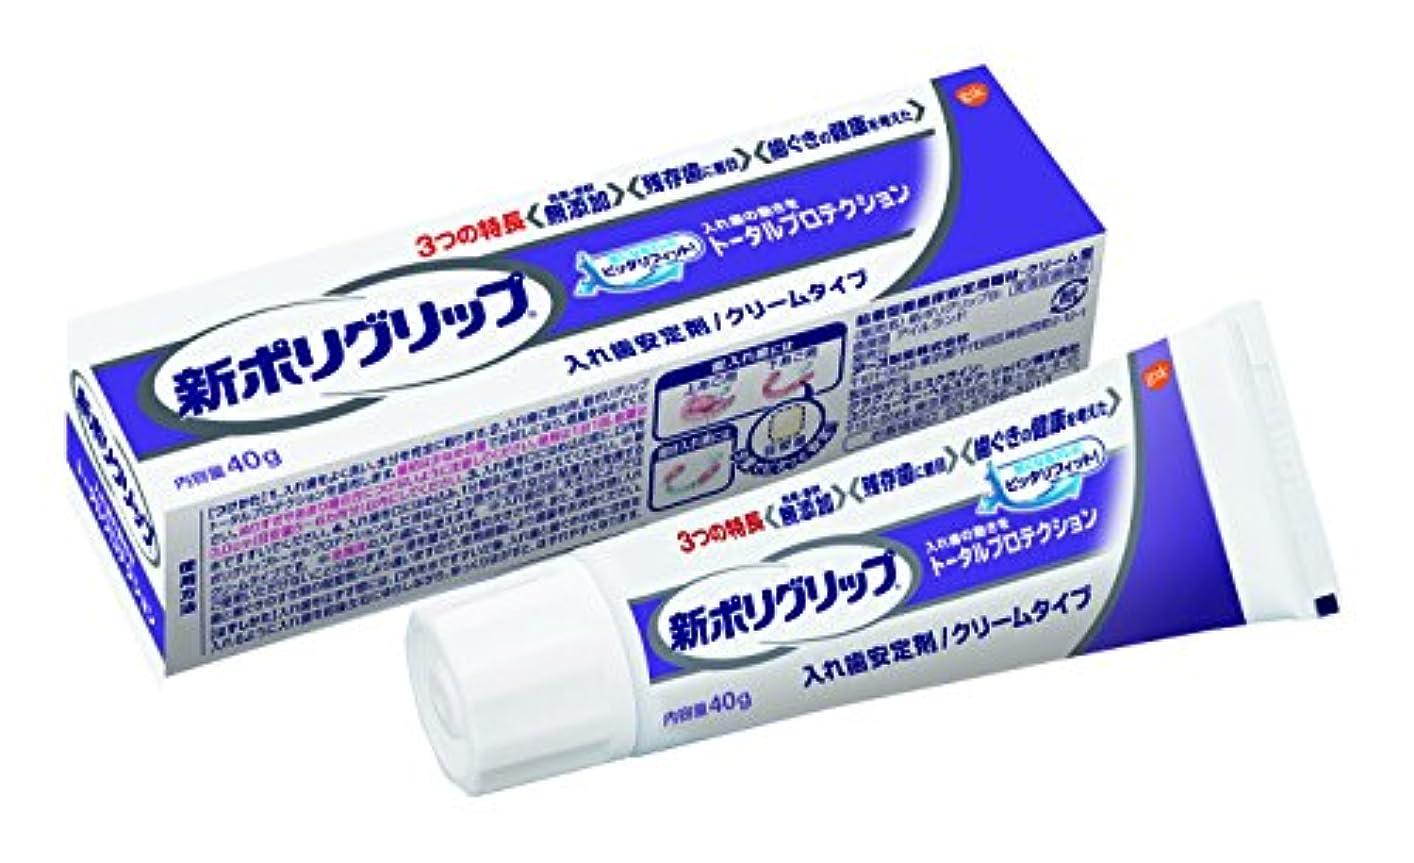 部分?総入れ歯安定剤 新ポリグリップ トータルプロテクション (残存歯に着目) 40g